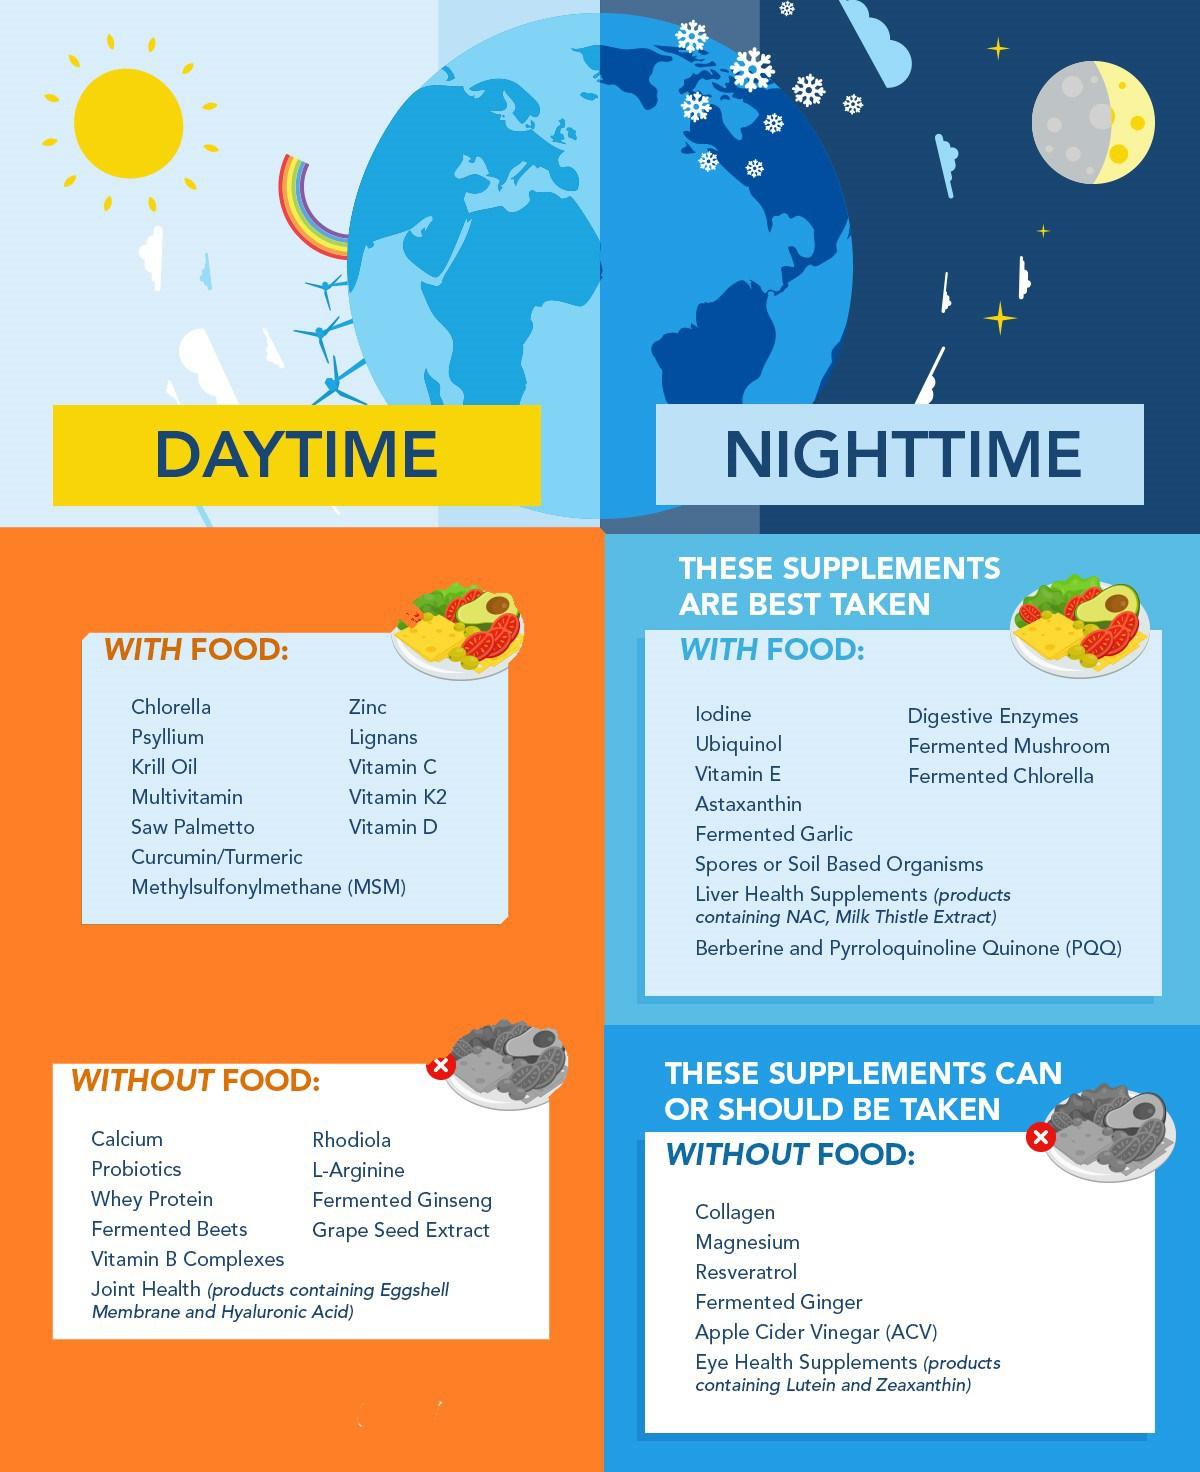 Таблица с рекомендуемым временем приема некоторых витаминов и минералов.